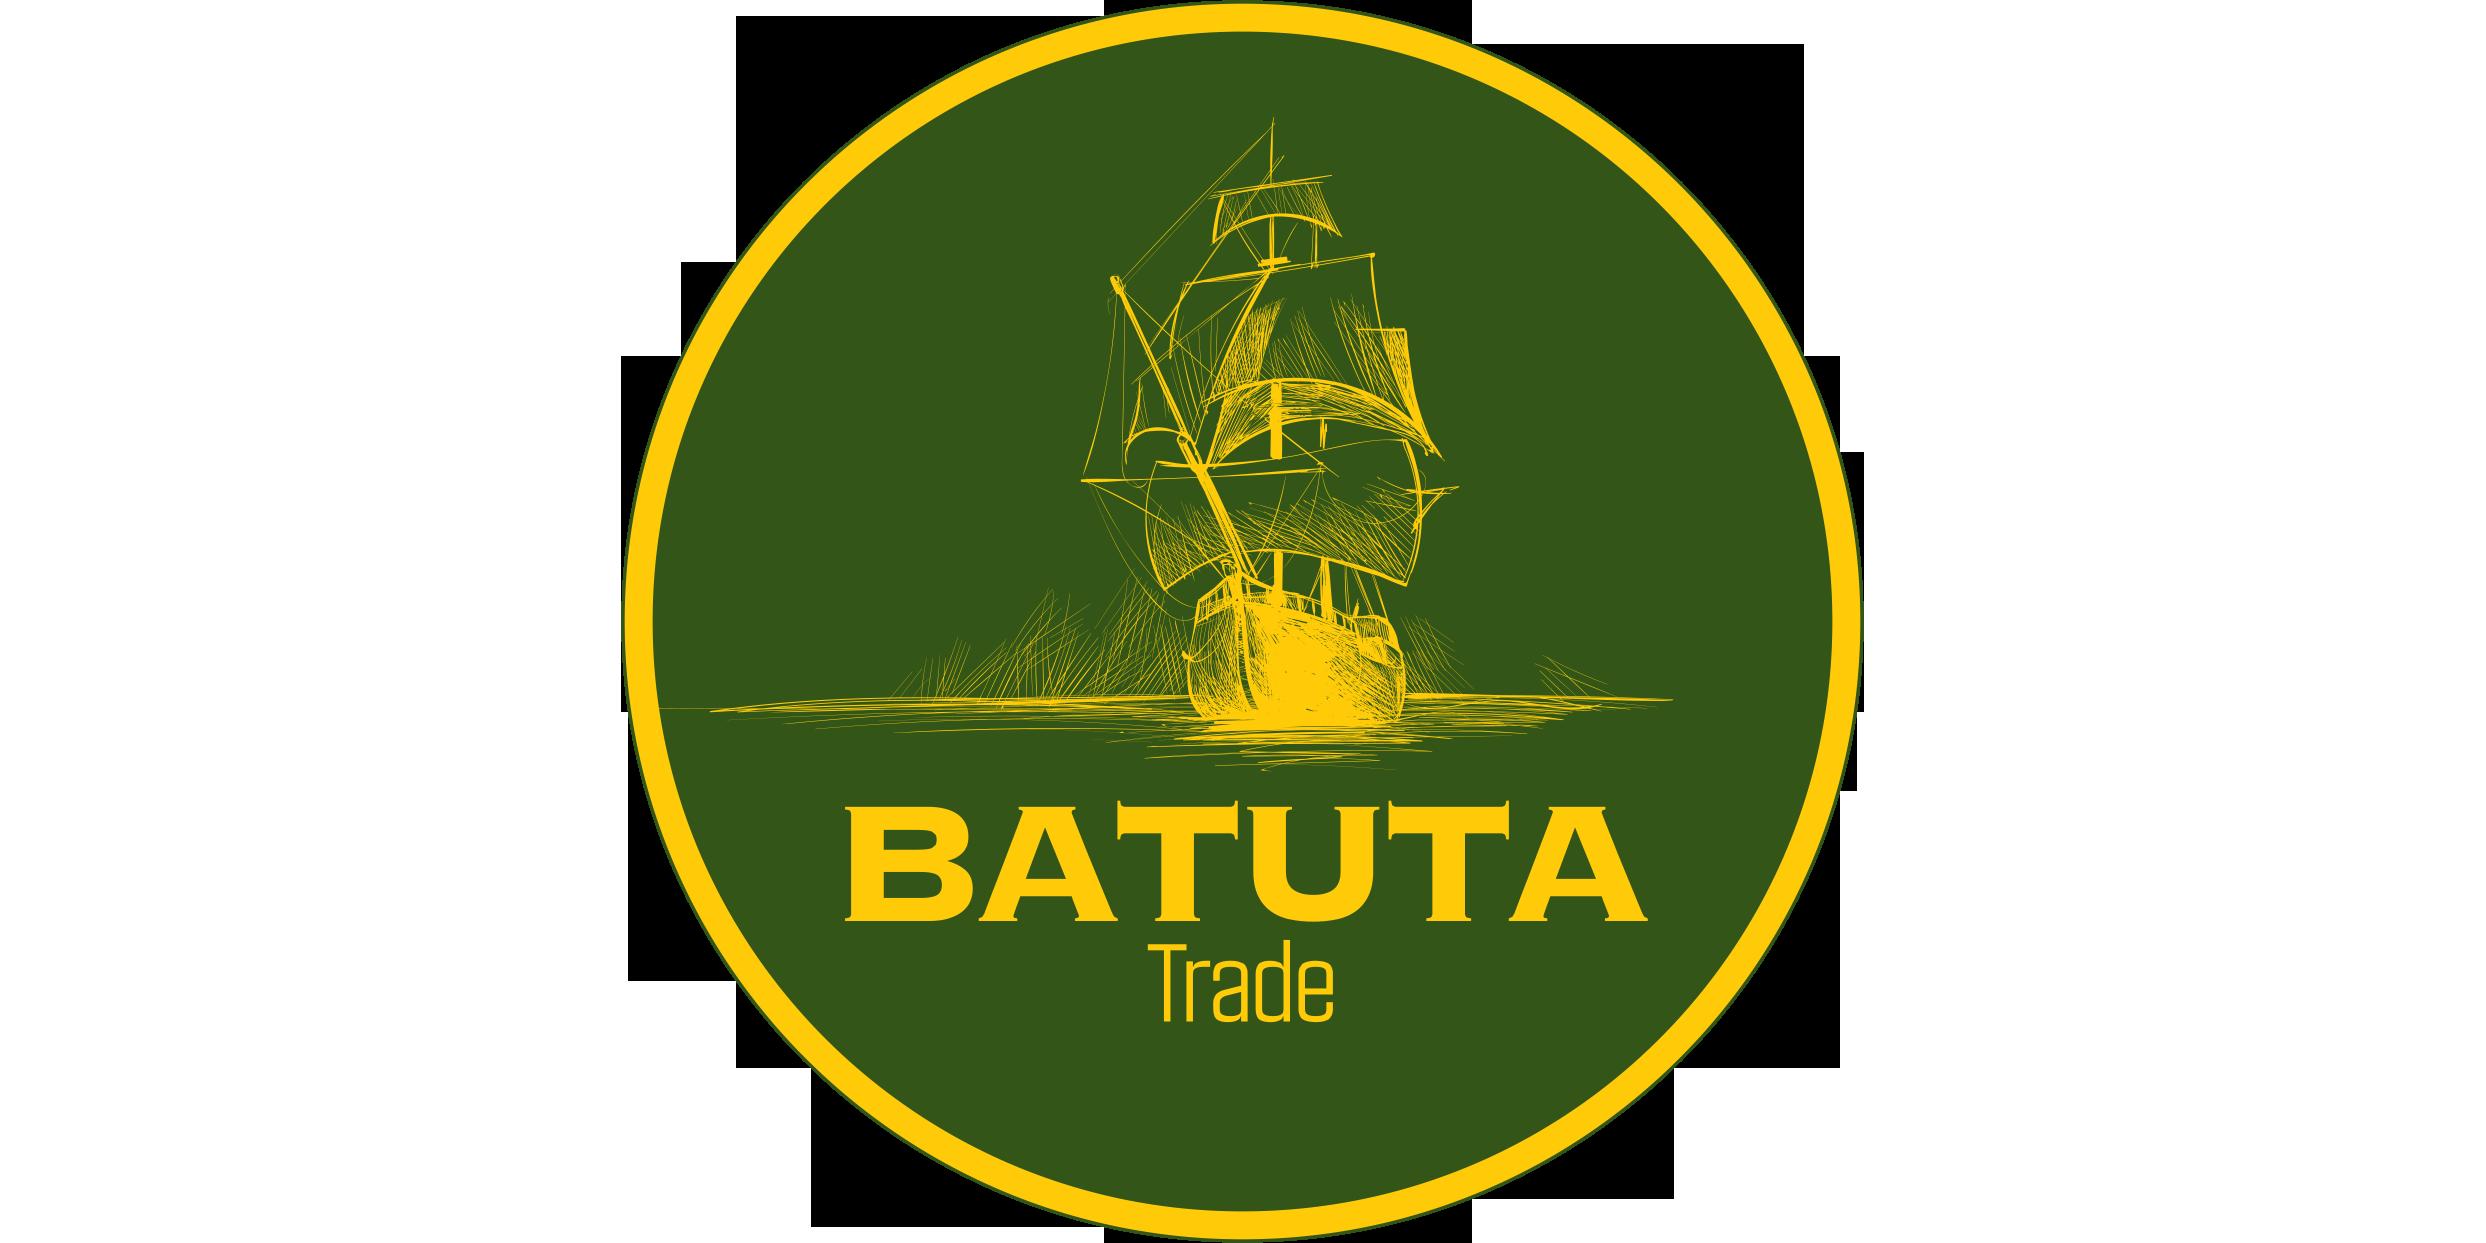 Batuta Trade.